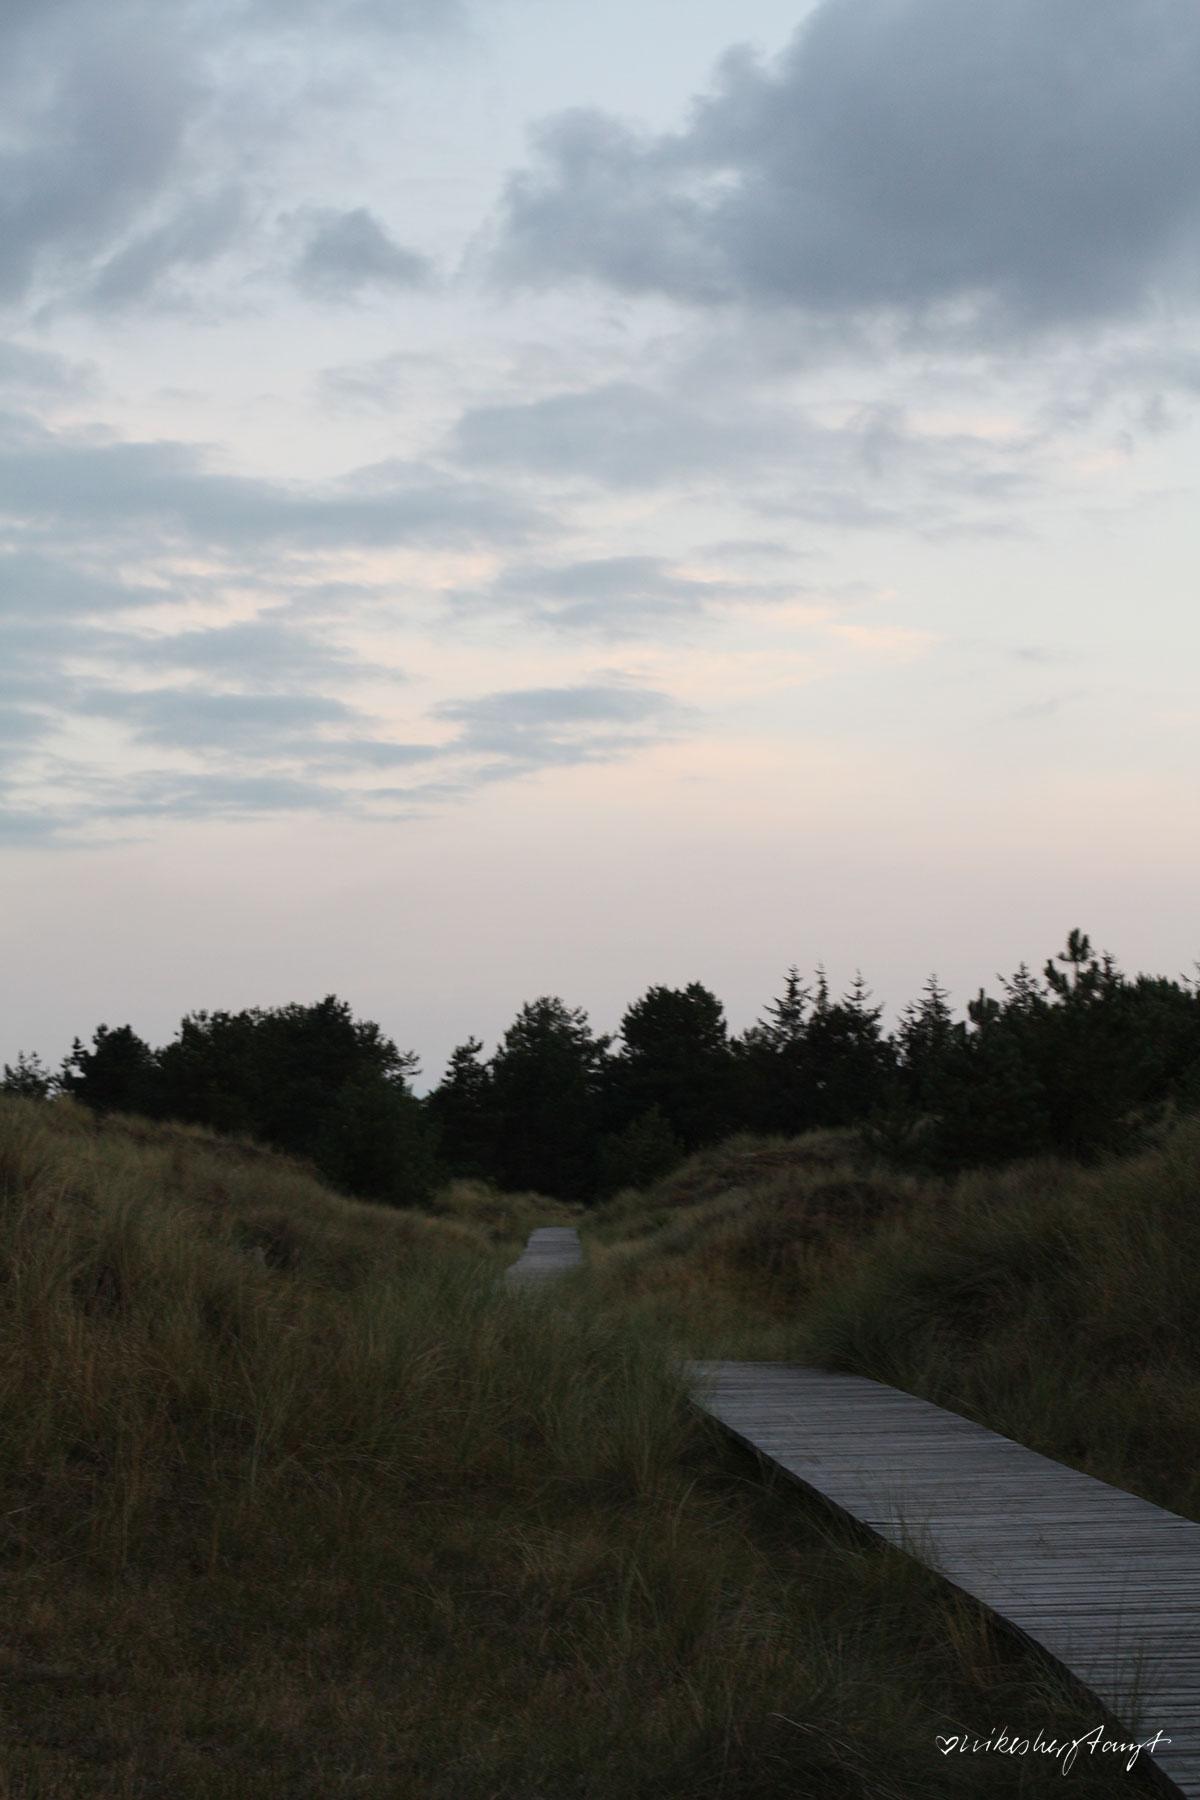 Amrum ,Öömrang, Oomram, Nordfriesische Insel, Schleswig-Holstein, die kleine Insel der großen Freiheit, Nordsee, Insel, Urlaub in Deutschland, #nikeunterwegs, travel, reisen, urlaub, blog, nikesherztanzt